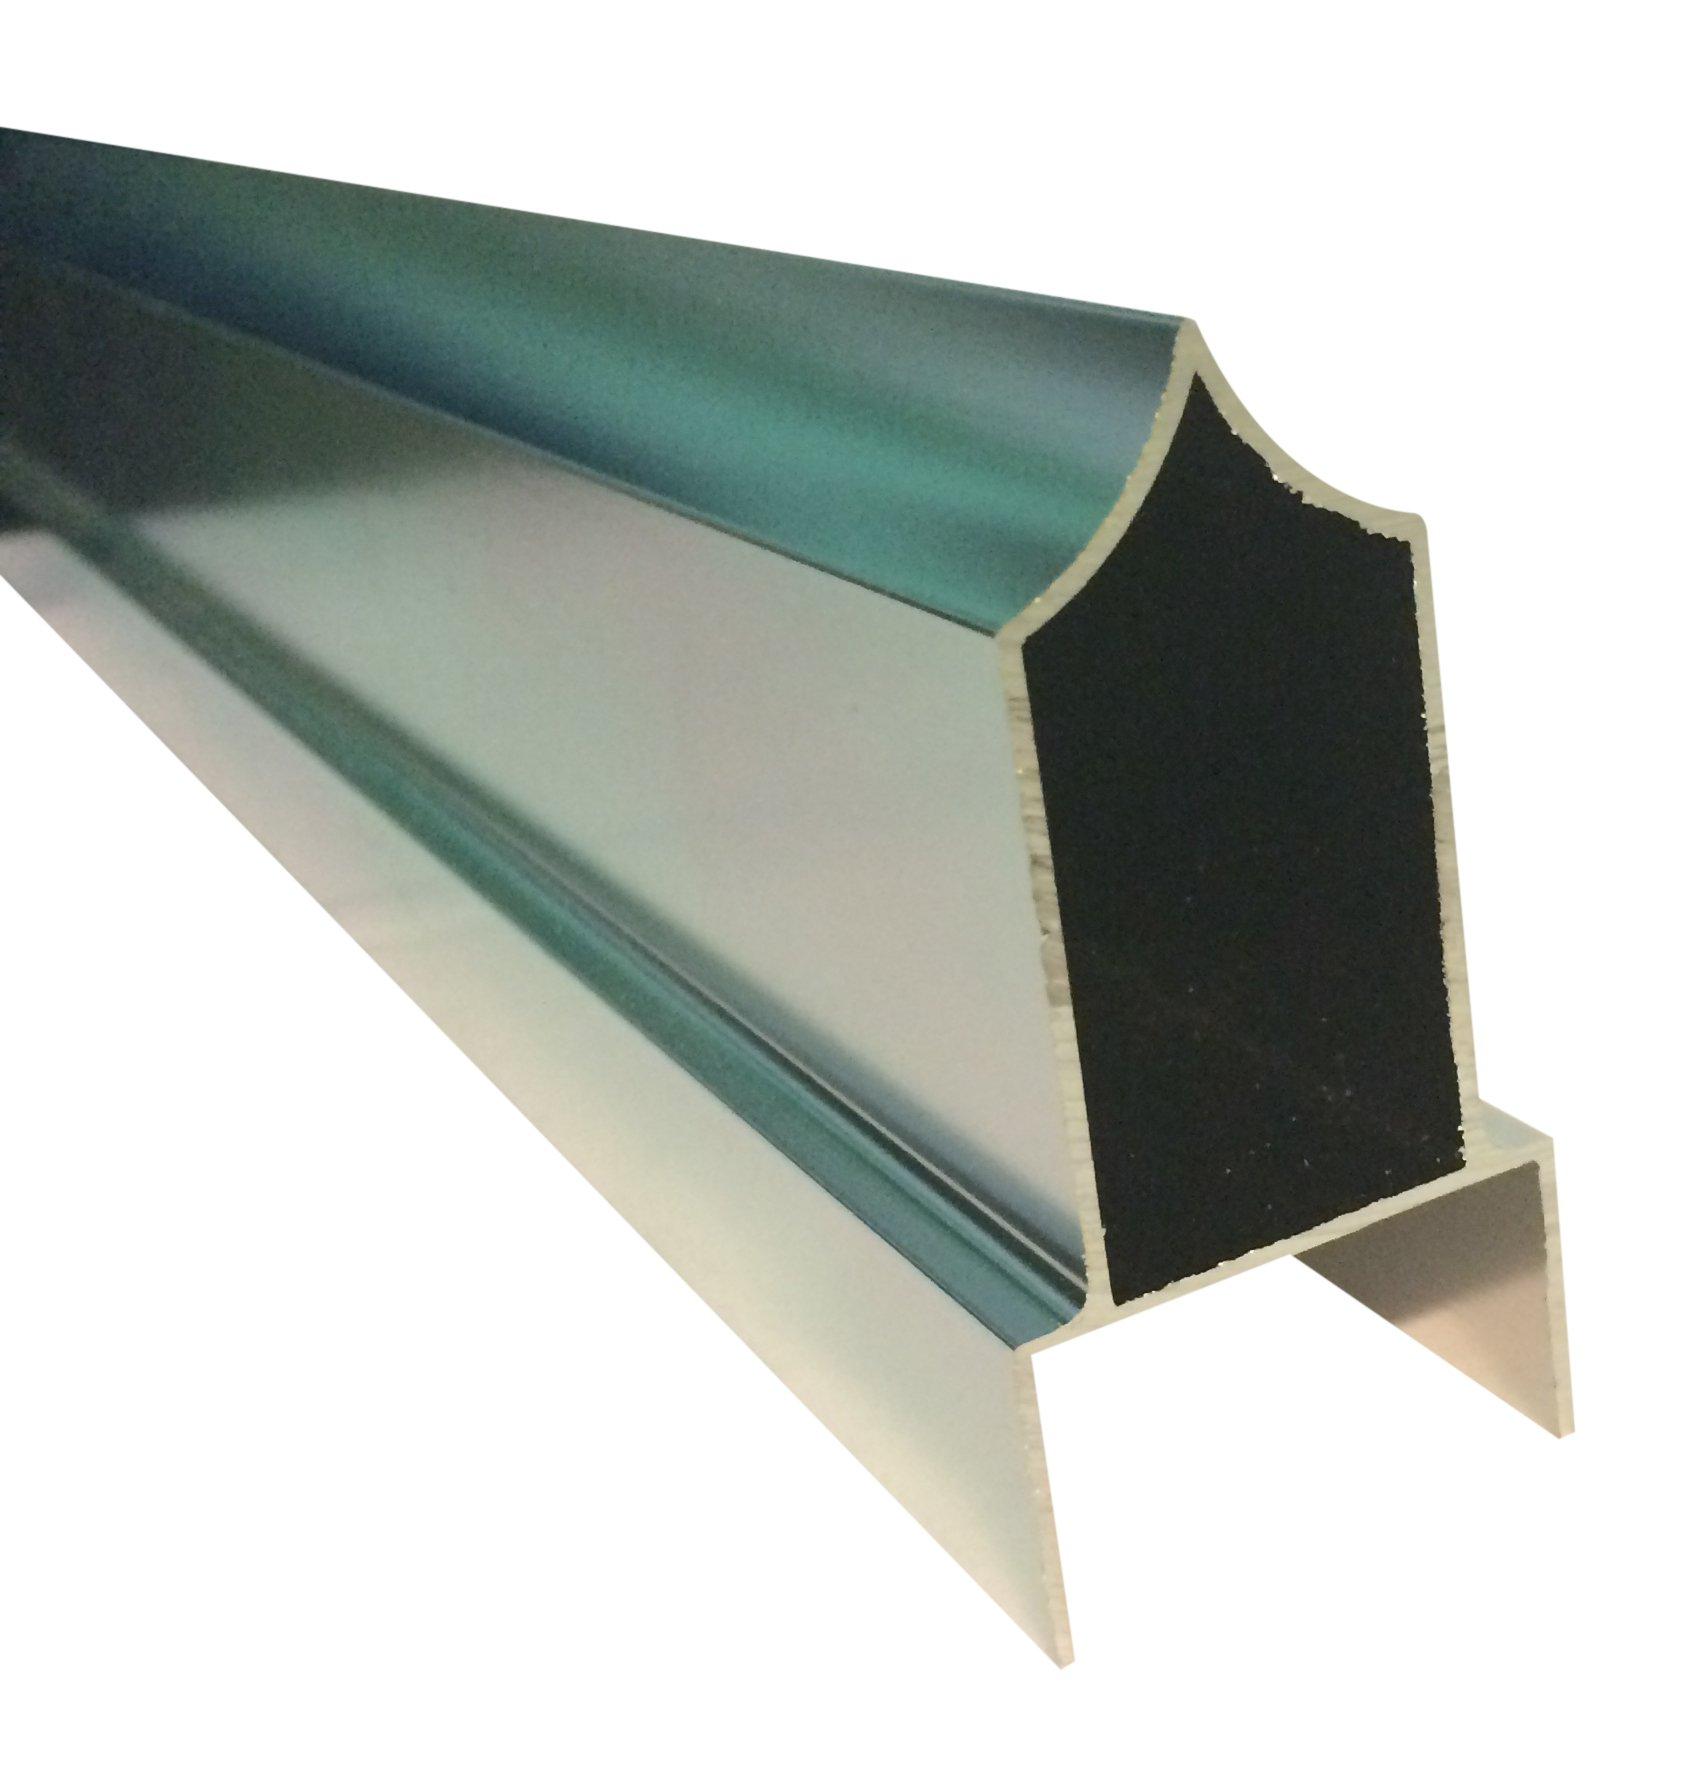 Sanymetal 13358 Anti-grip Headrail, 96''